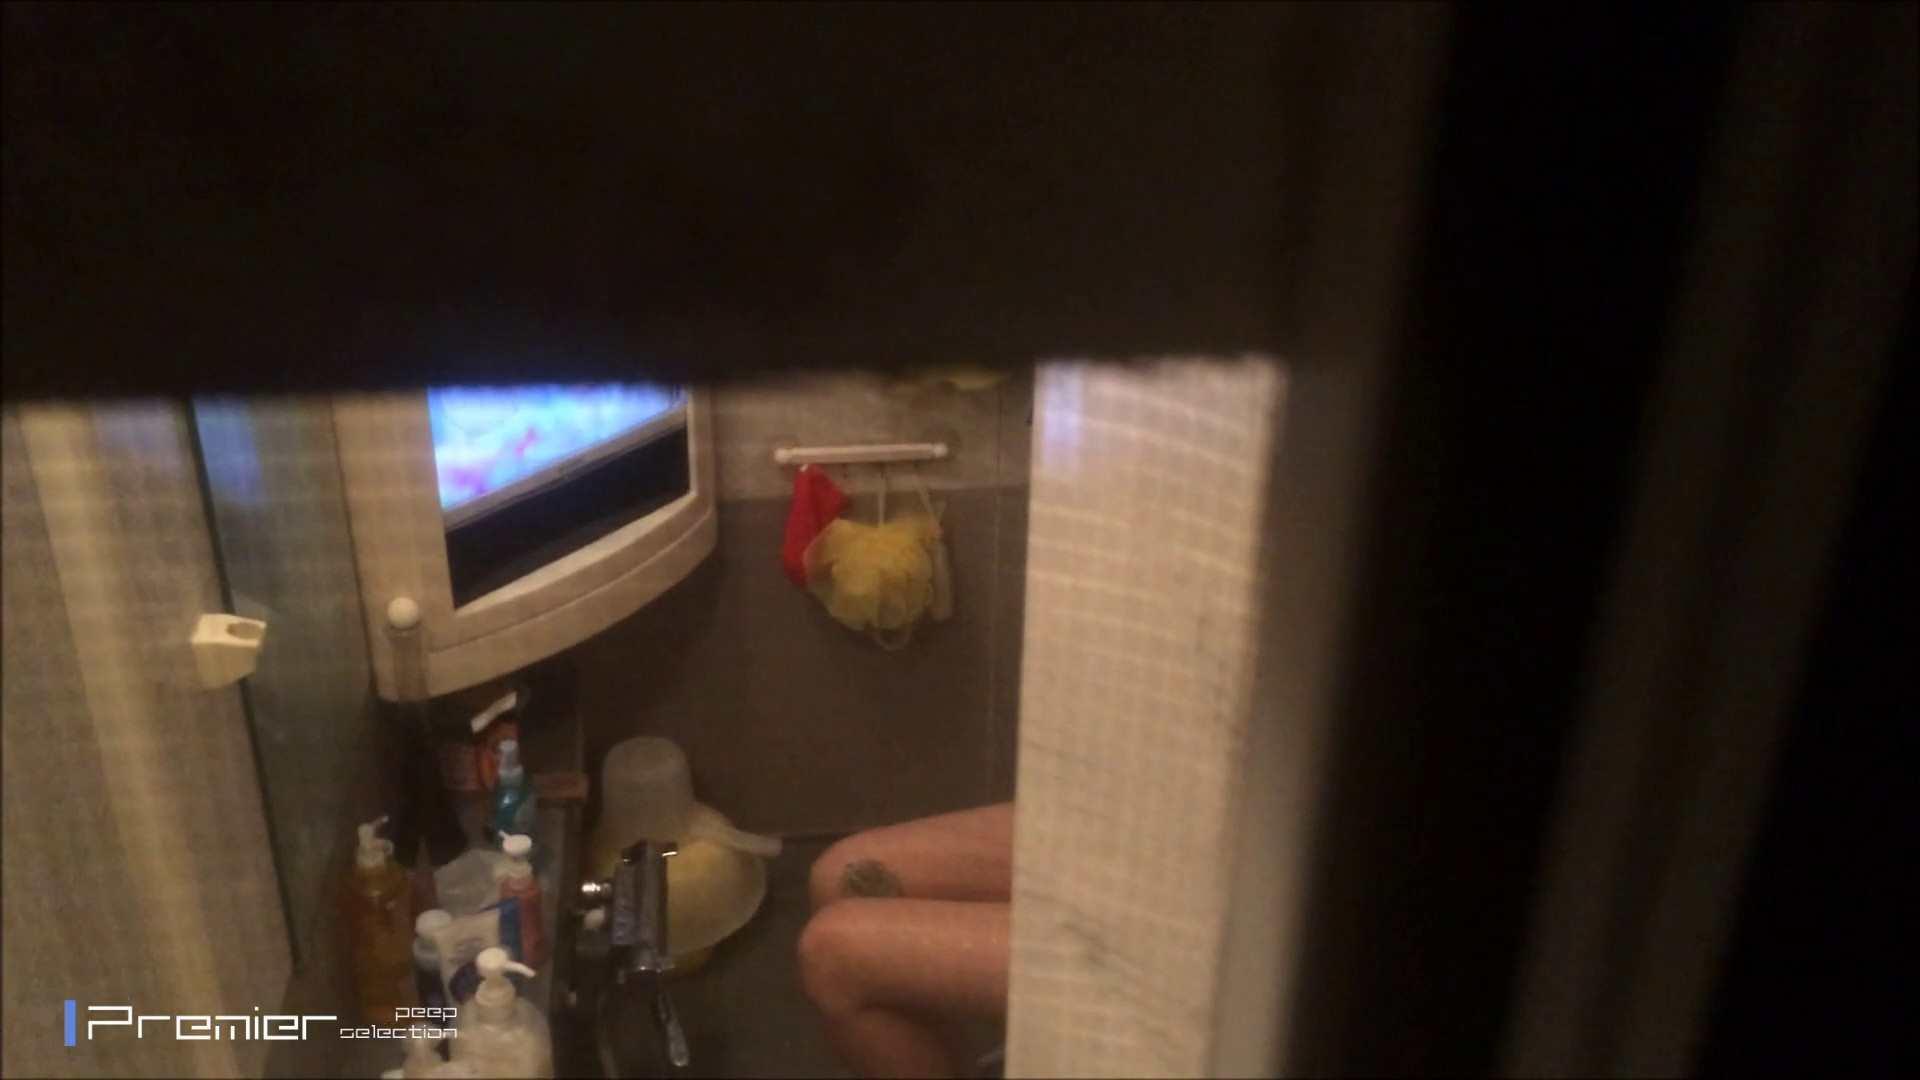 美女のテレビを見ながらの入浴 乙女の風呂場 Vol.21 入浴中のオンナ 盗撮われめAV動画紹介 30pic 11